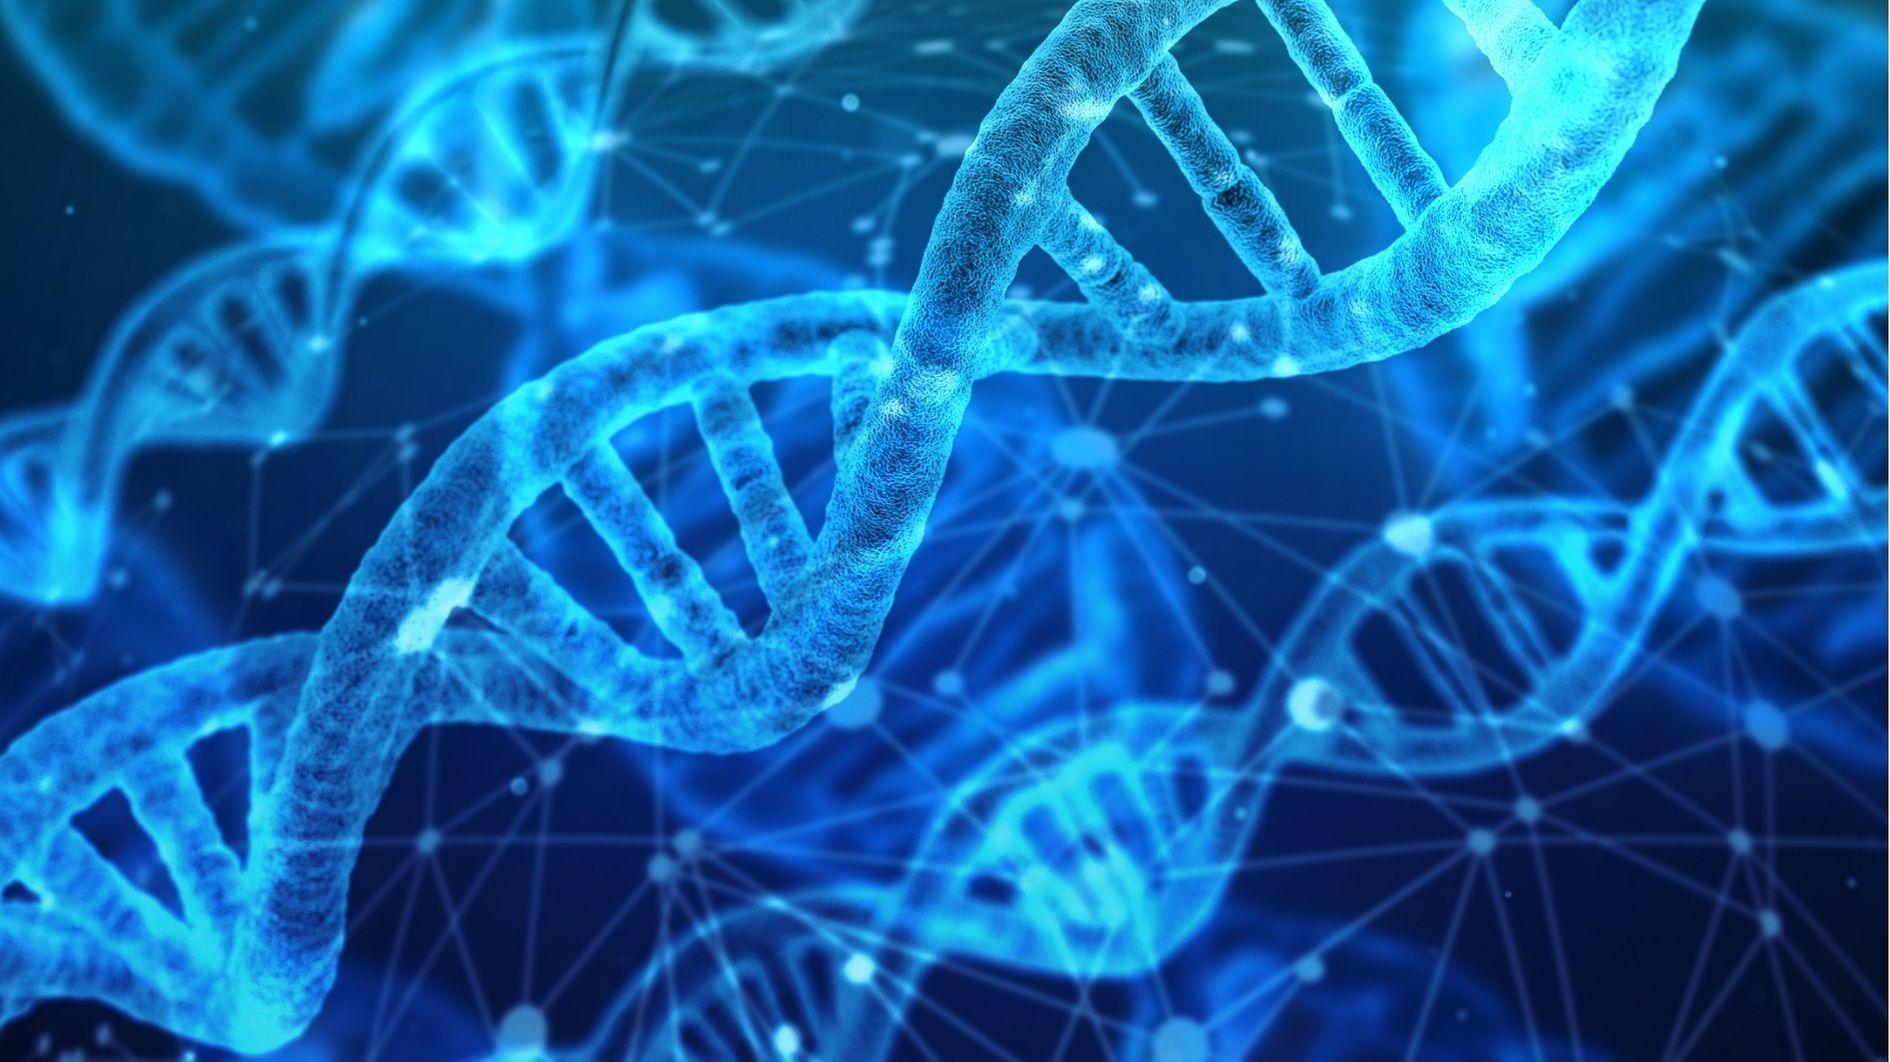 105歳を超える超長寿の人々は生まれつき「長寿の遺伝子」を持っていた